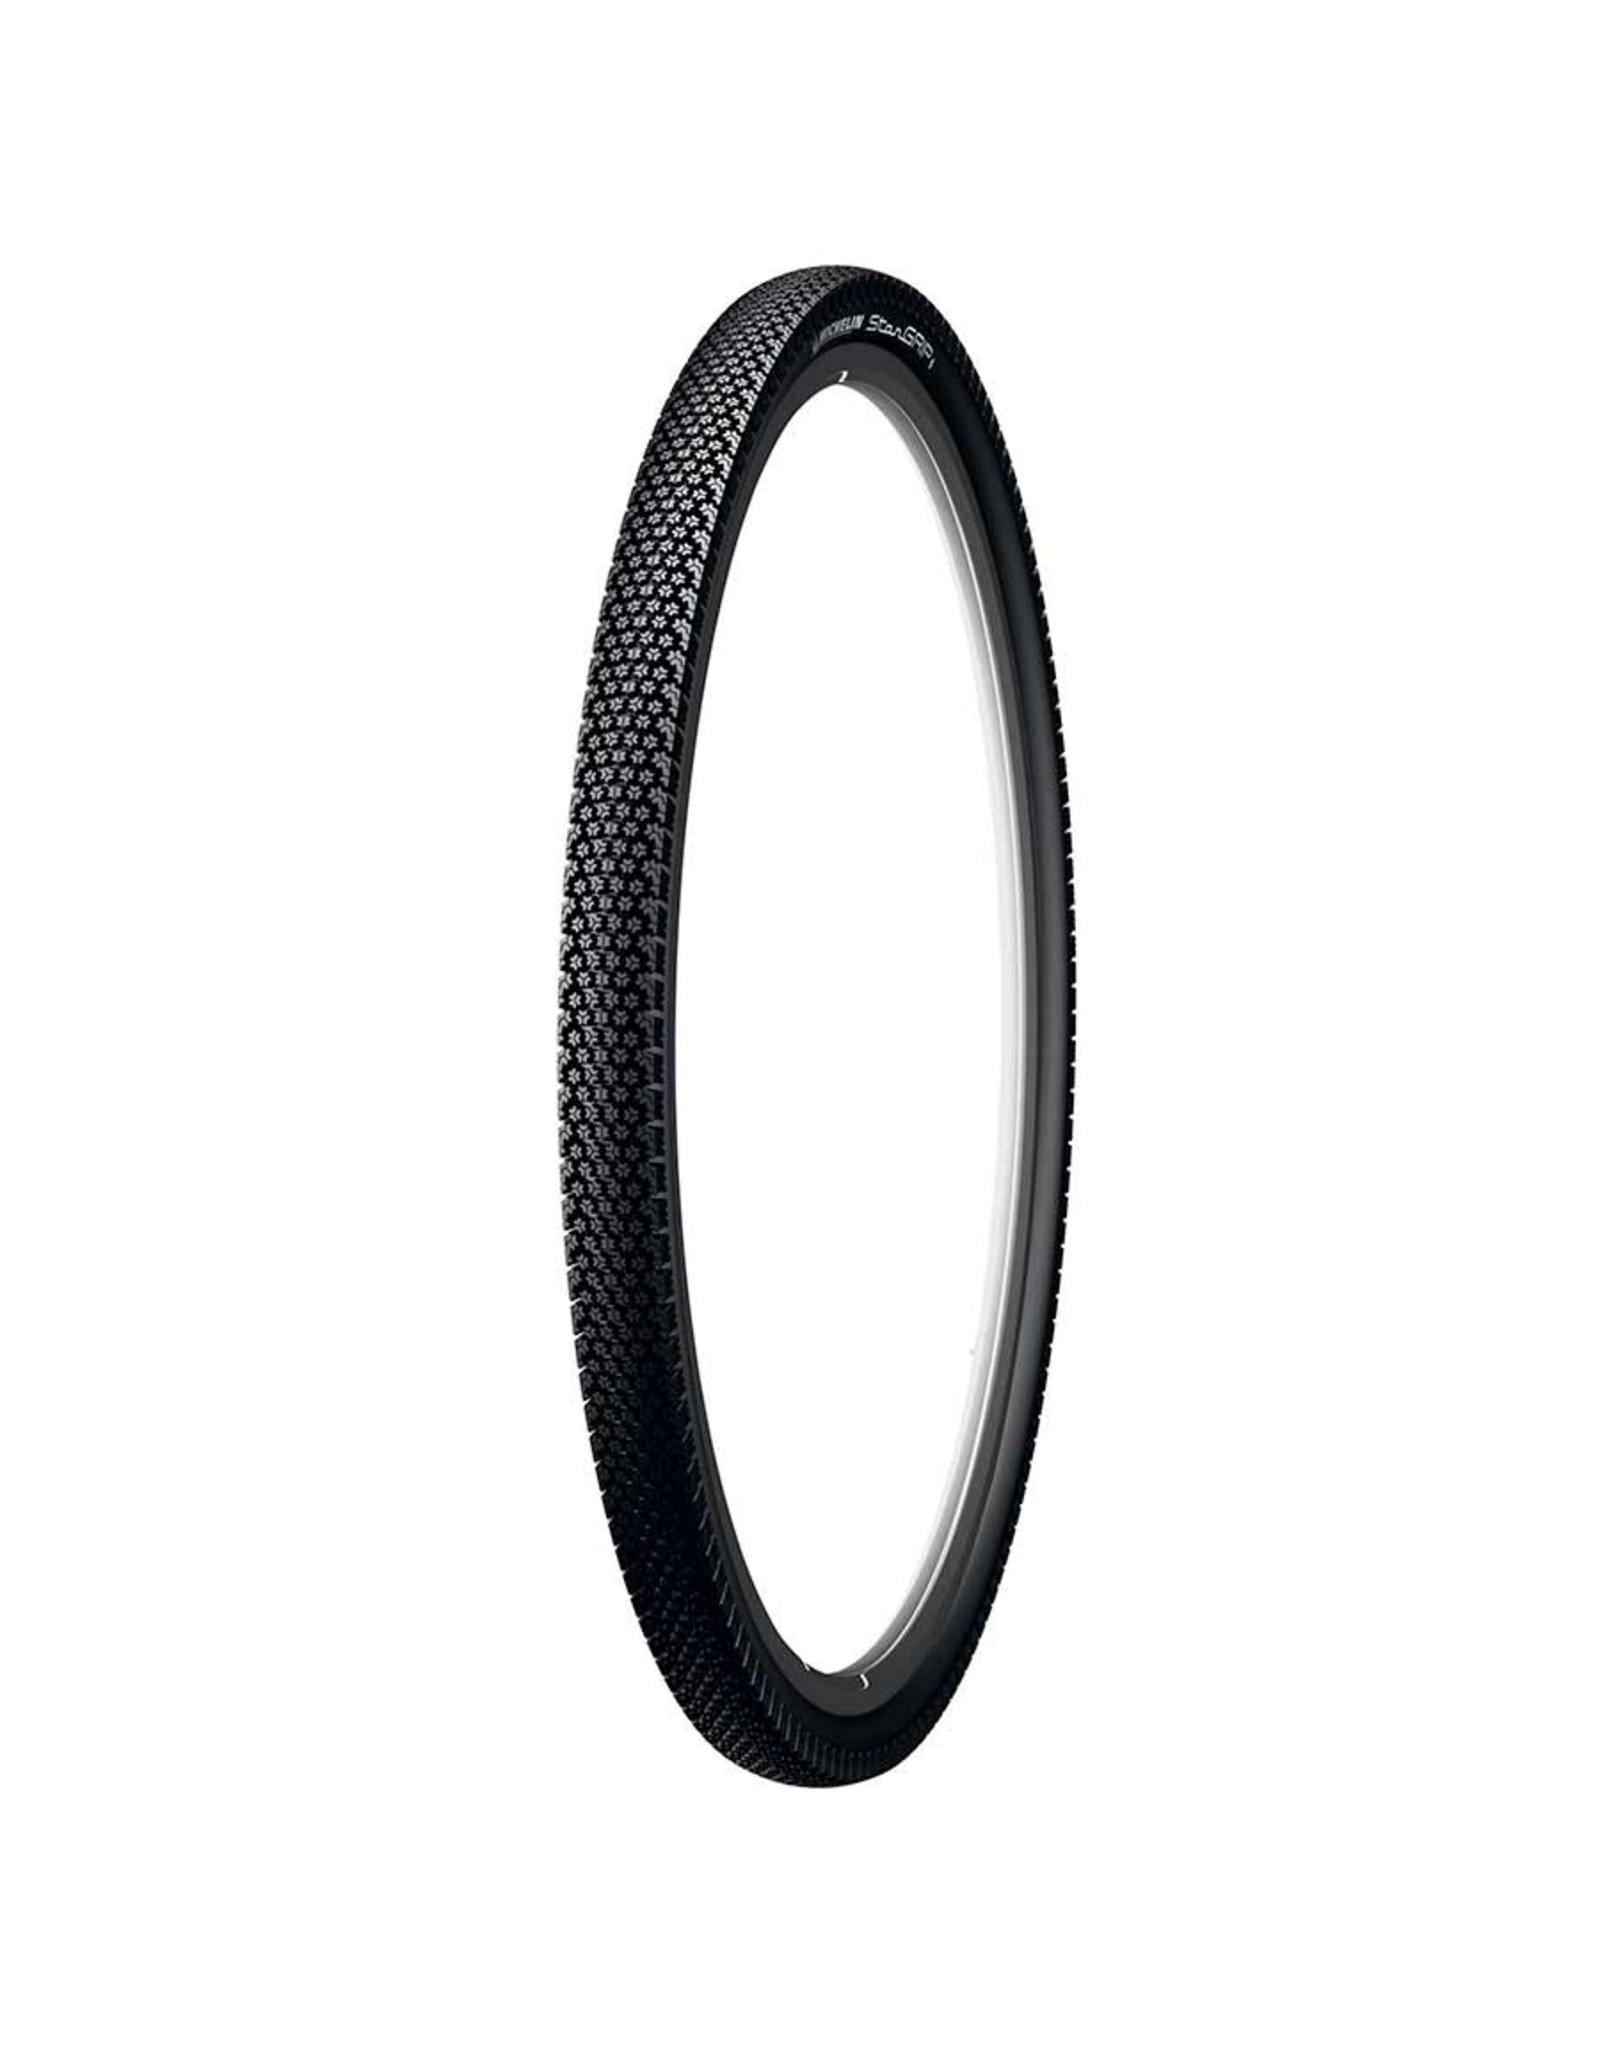 Michelin, Stargrip, Tire, 700x40C, Wire, Clincher, Winter, Nylon HD, 22TPI, Black